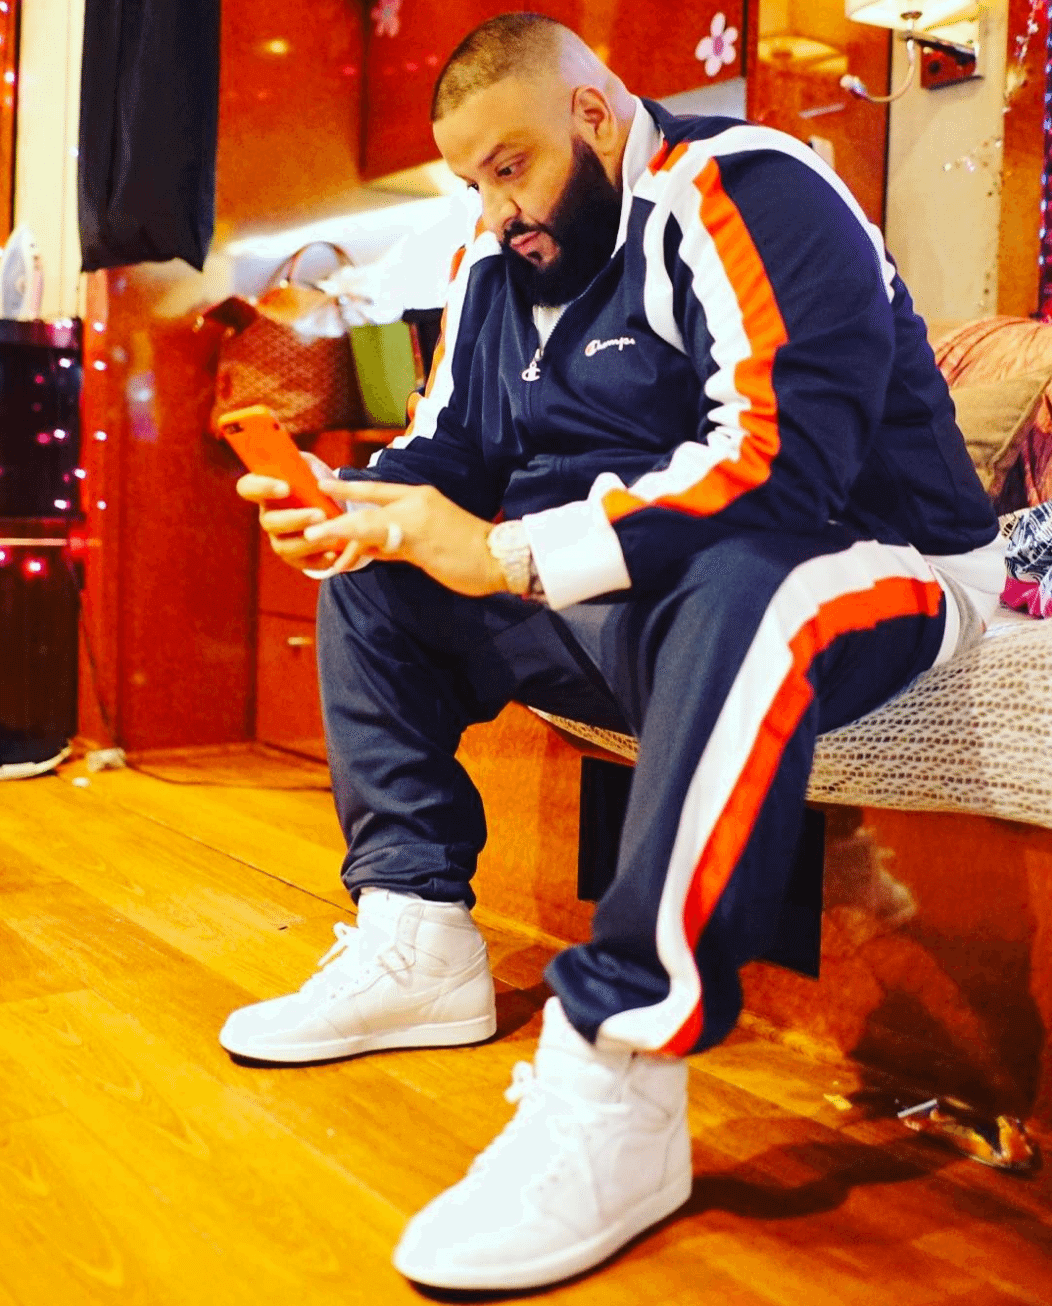 DJ Khaled in the Air Jordan 1 High